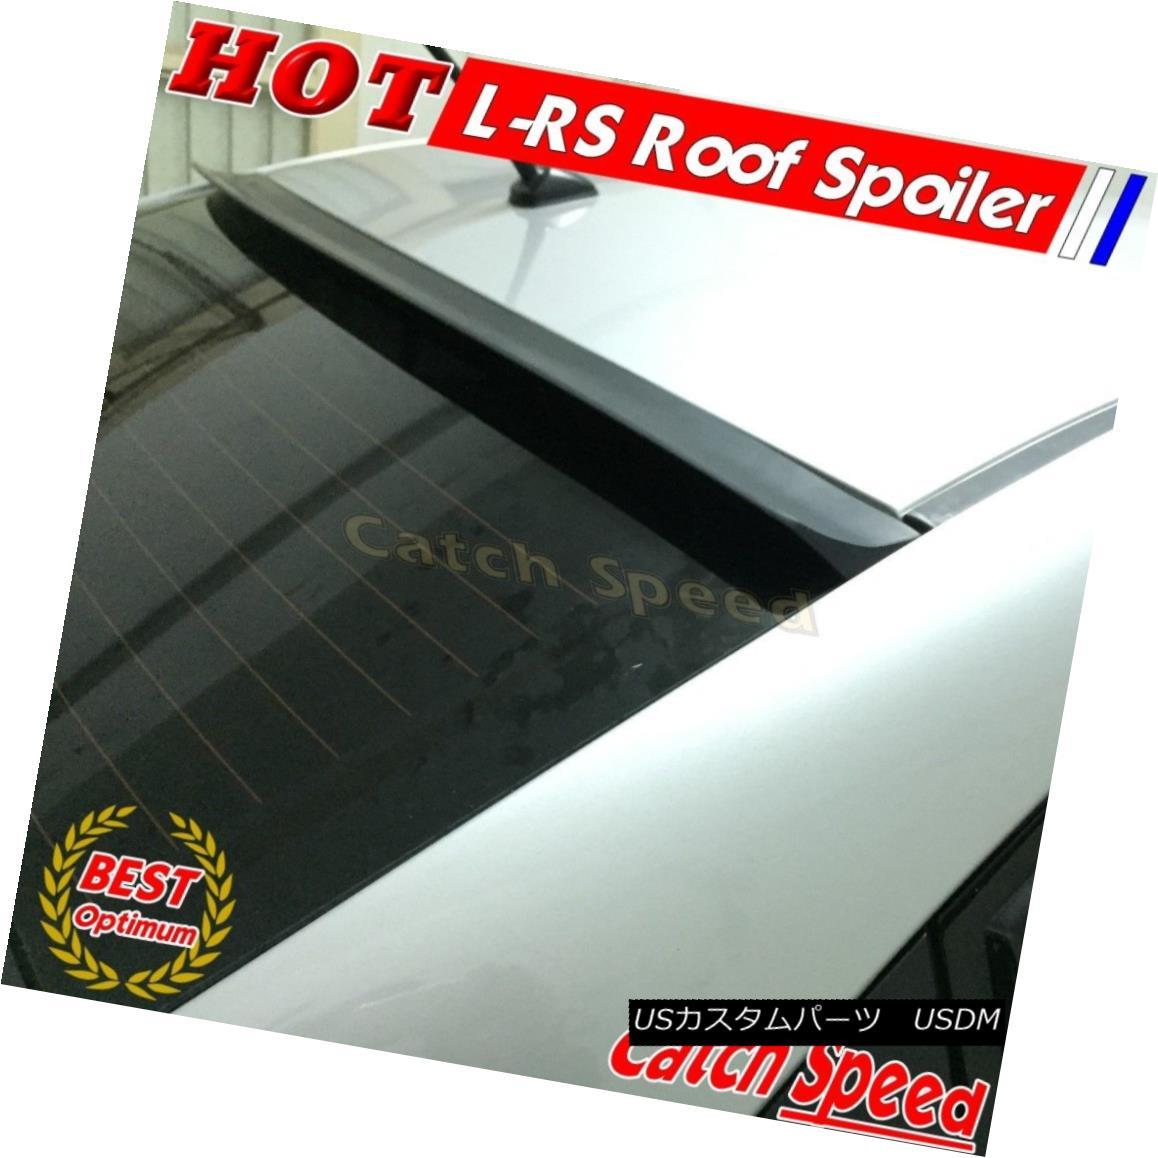 エアロパーツ Painted LRS Type Rear Roof Spoiler Wing For SUBARU Legacy Sedan 2010-2014 ? SUBARU Legacy Sedan 2010-2014のために塗装されたLRSタイプのリアルーフスポイラーウィング?